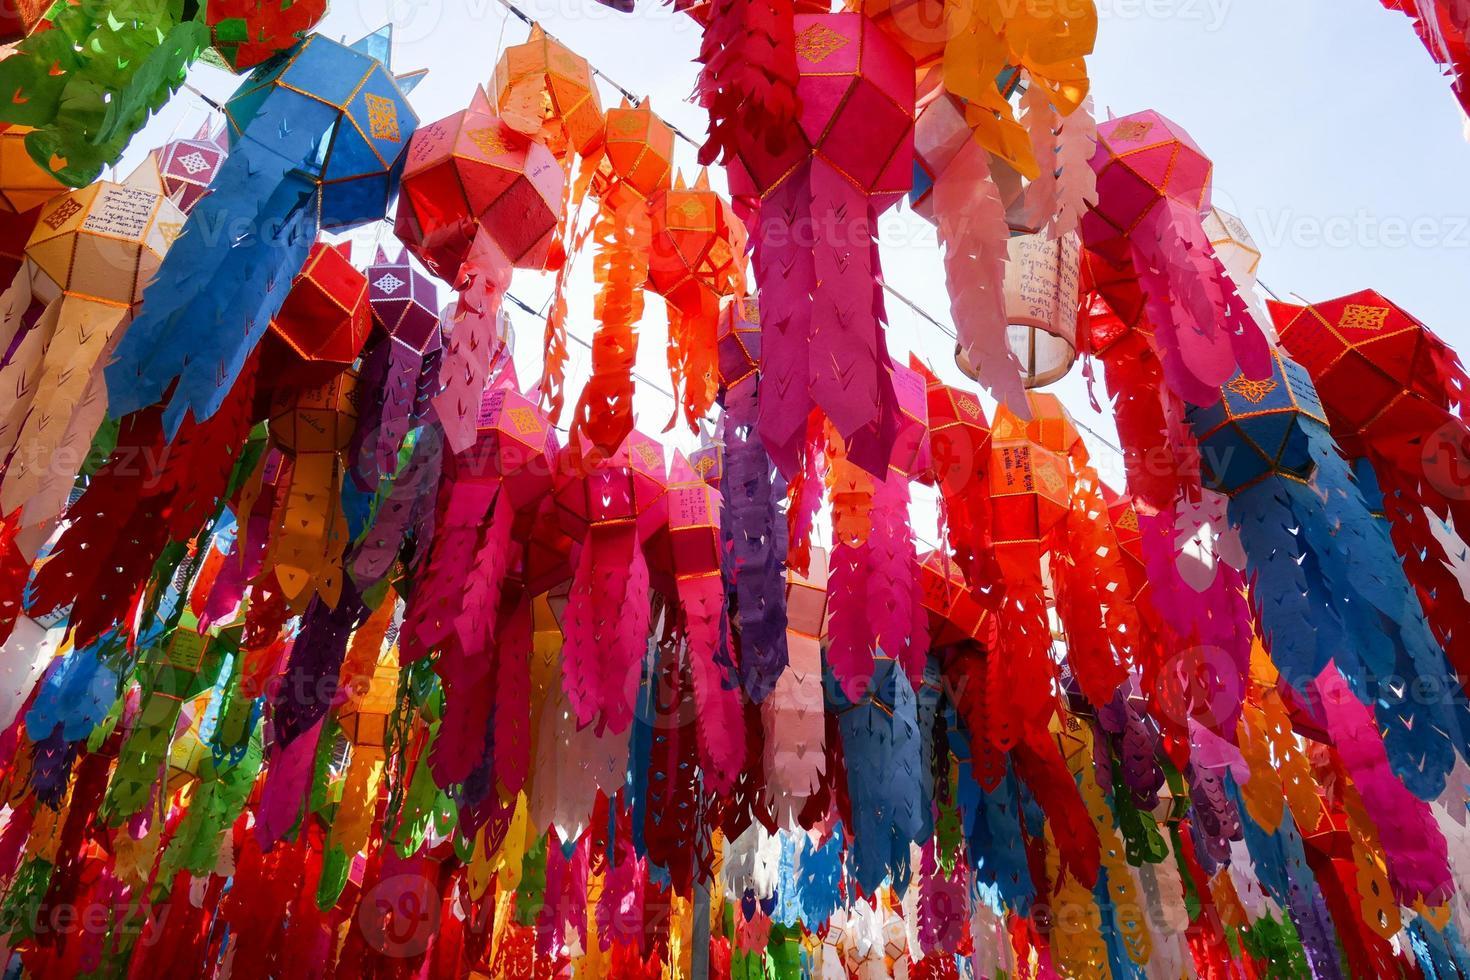 bunte Papierlaternendekoration für yeepeng Festival foto